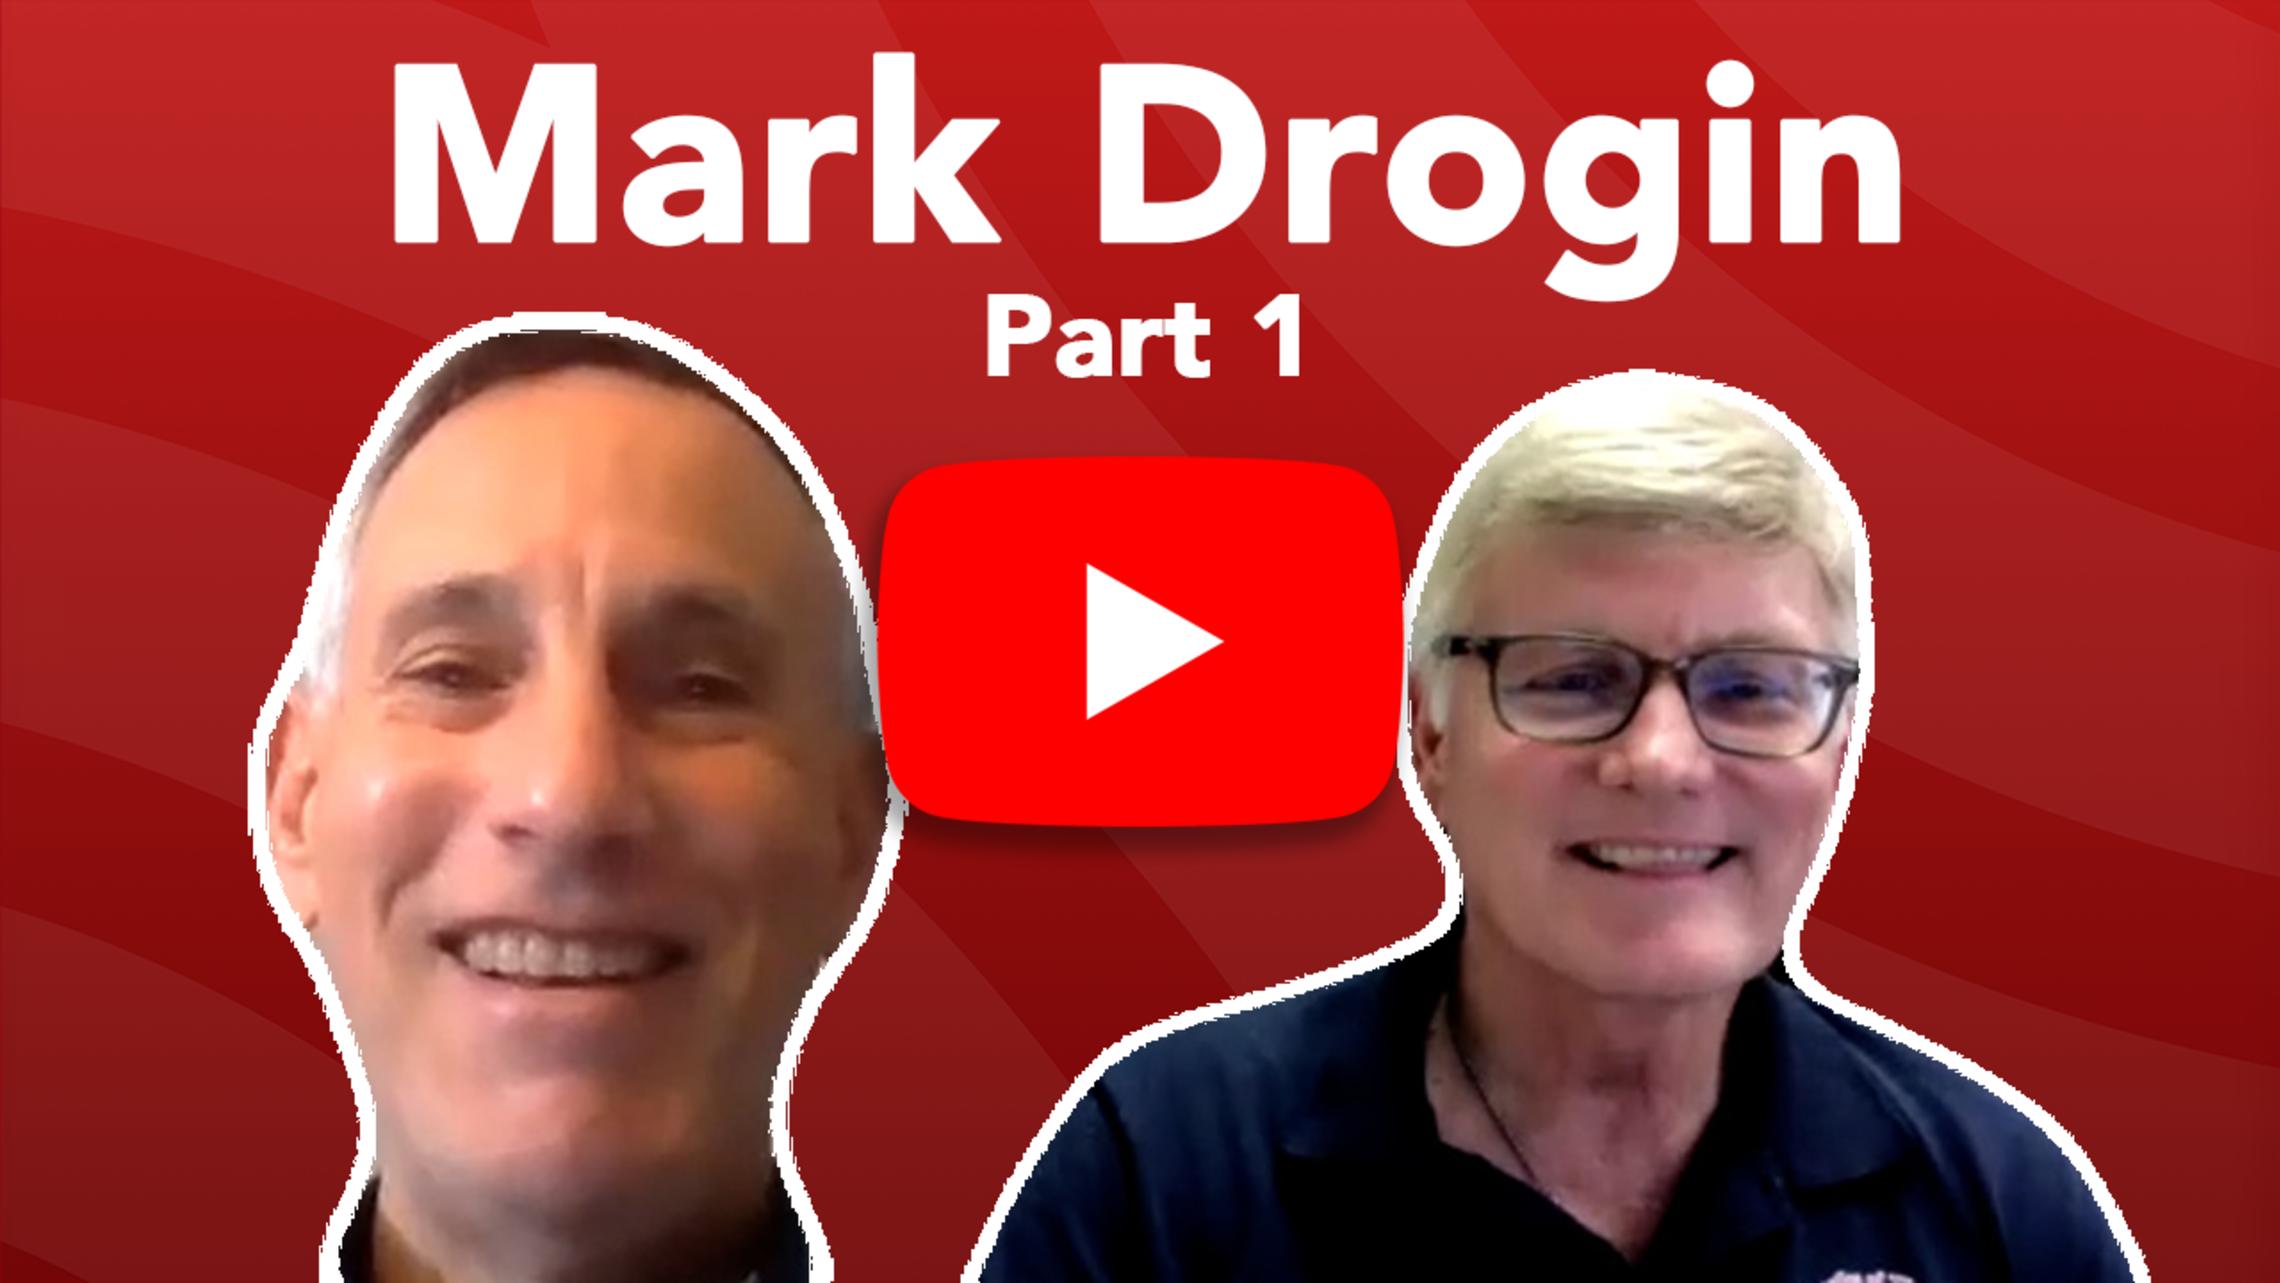 Mark Drogin Tn Website Pt1